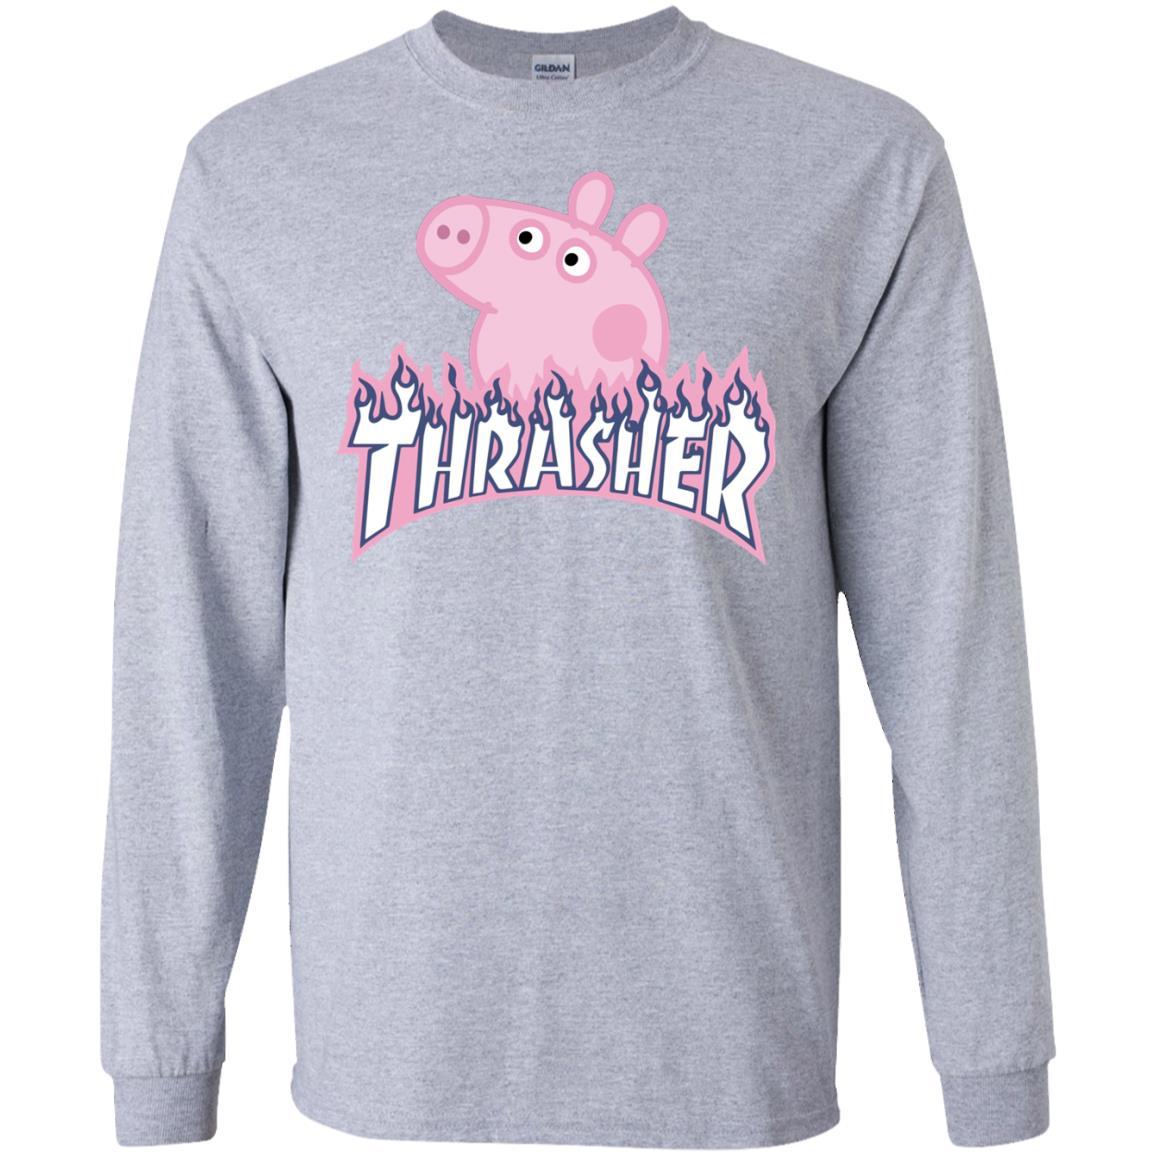 Thrasher Peppa Pig t-shirt, hoodie